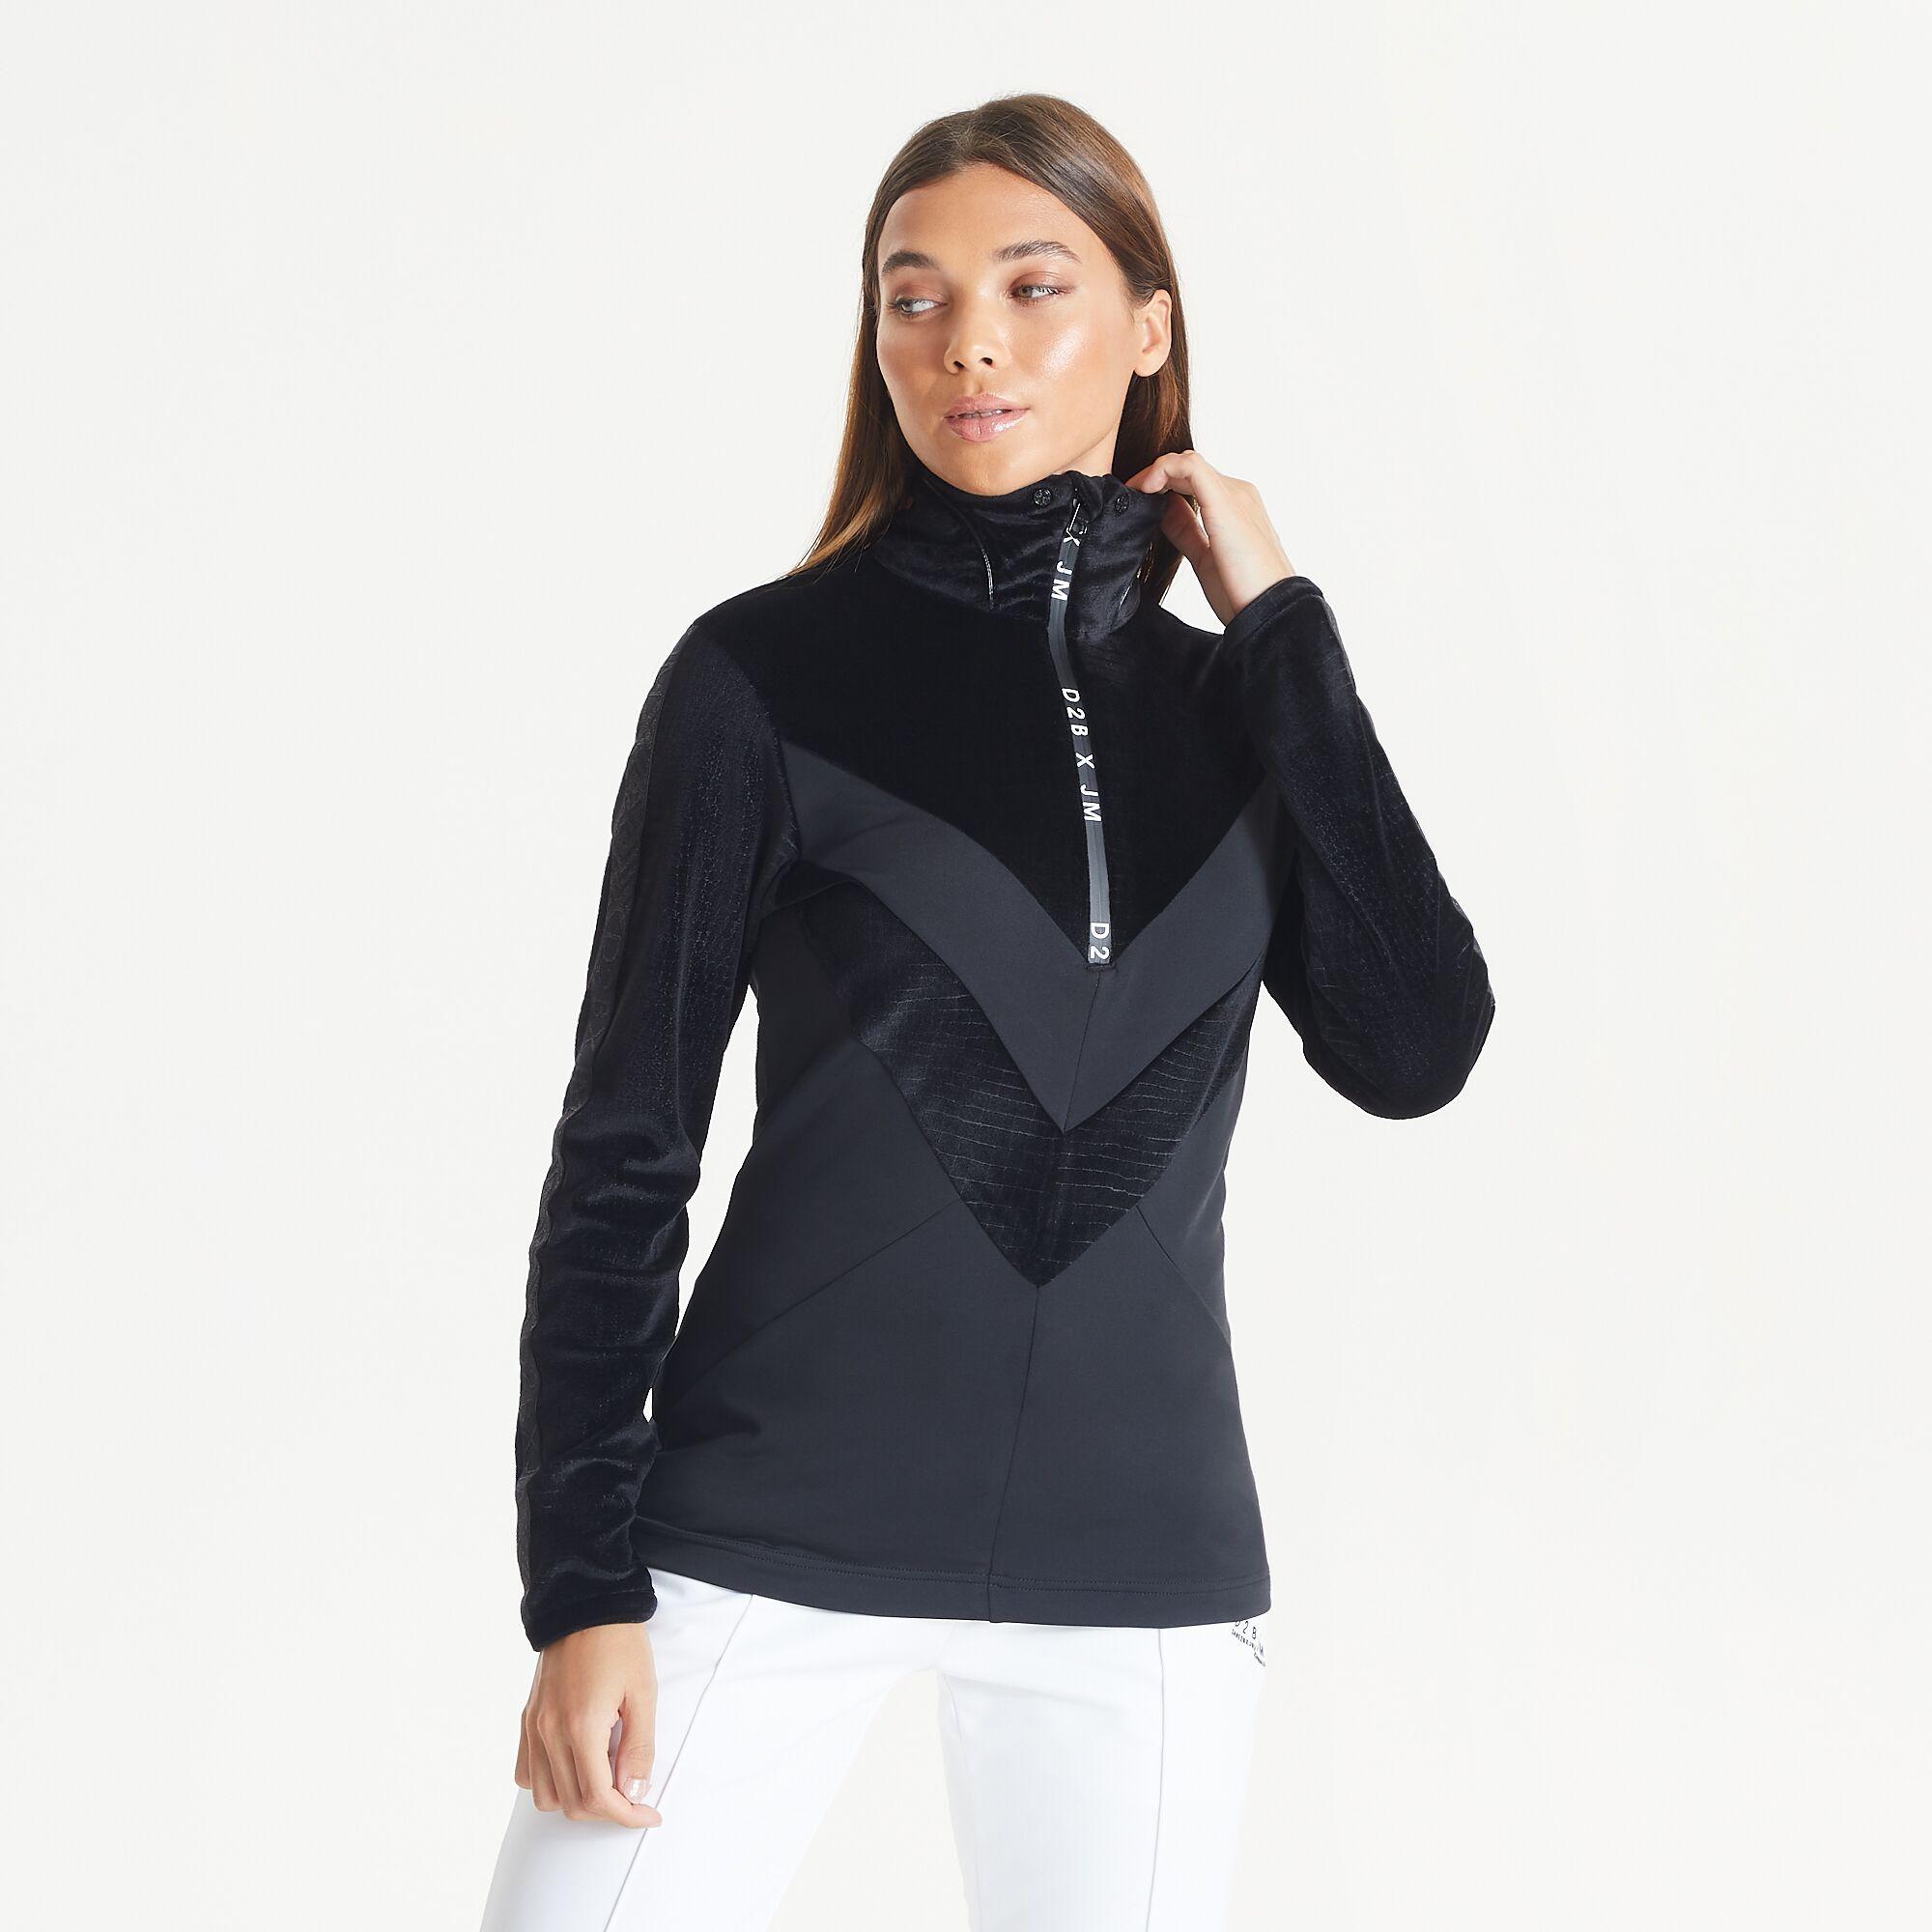 Bluze Termice -  dare2b X JULIEN MACDONALD Nonpareil Core Stretch